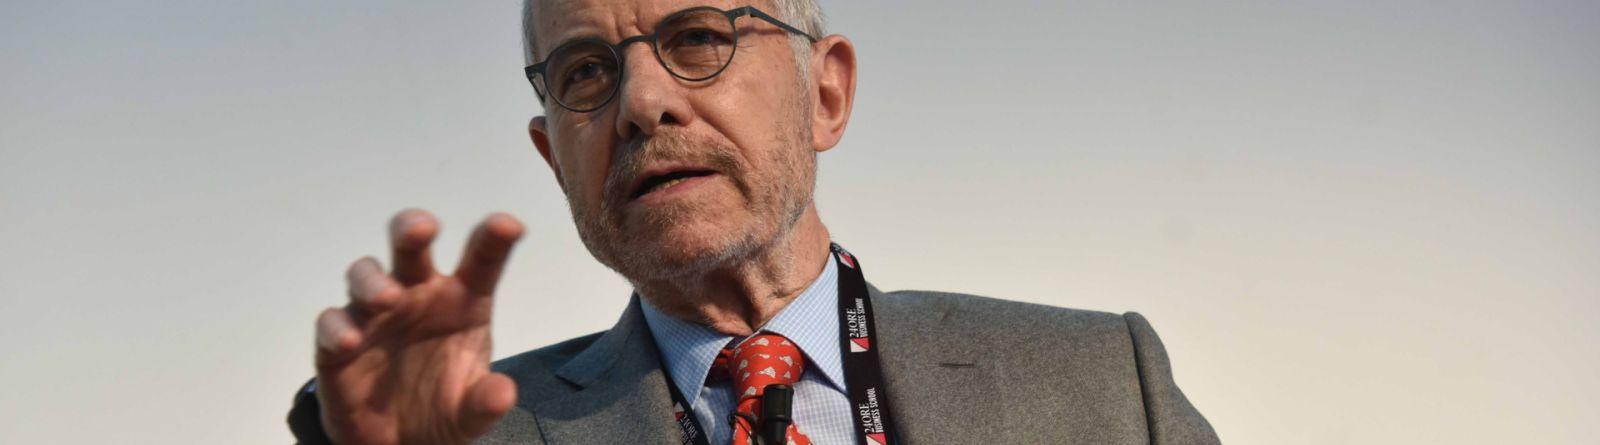 Salvatore Maccarone, presidente del Fondo interbancario